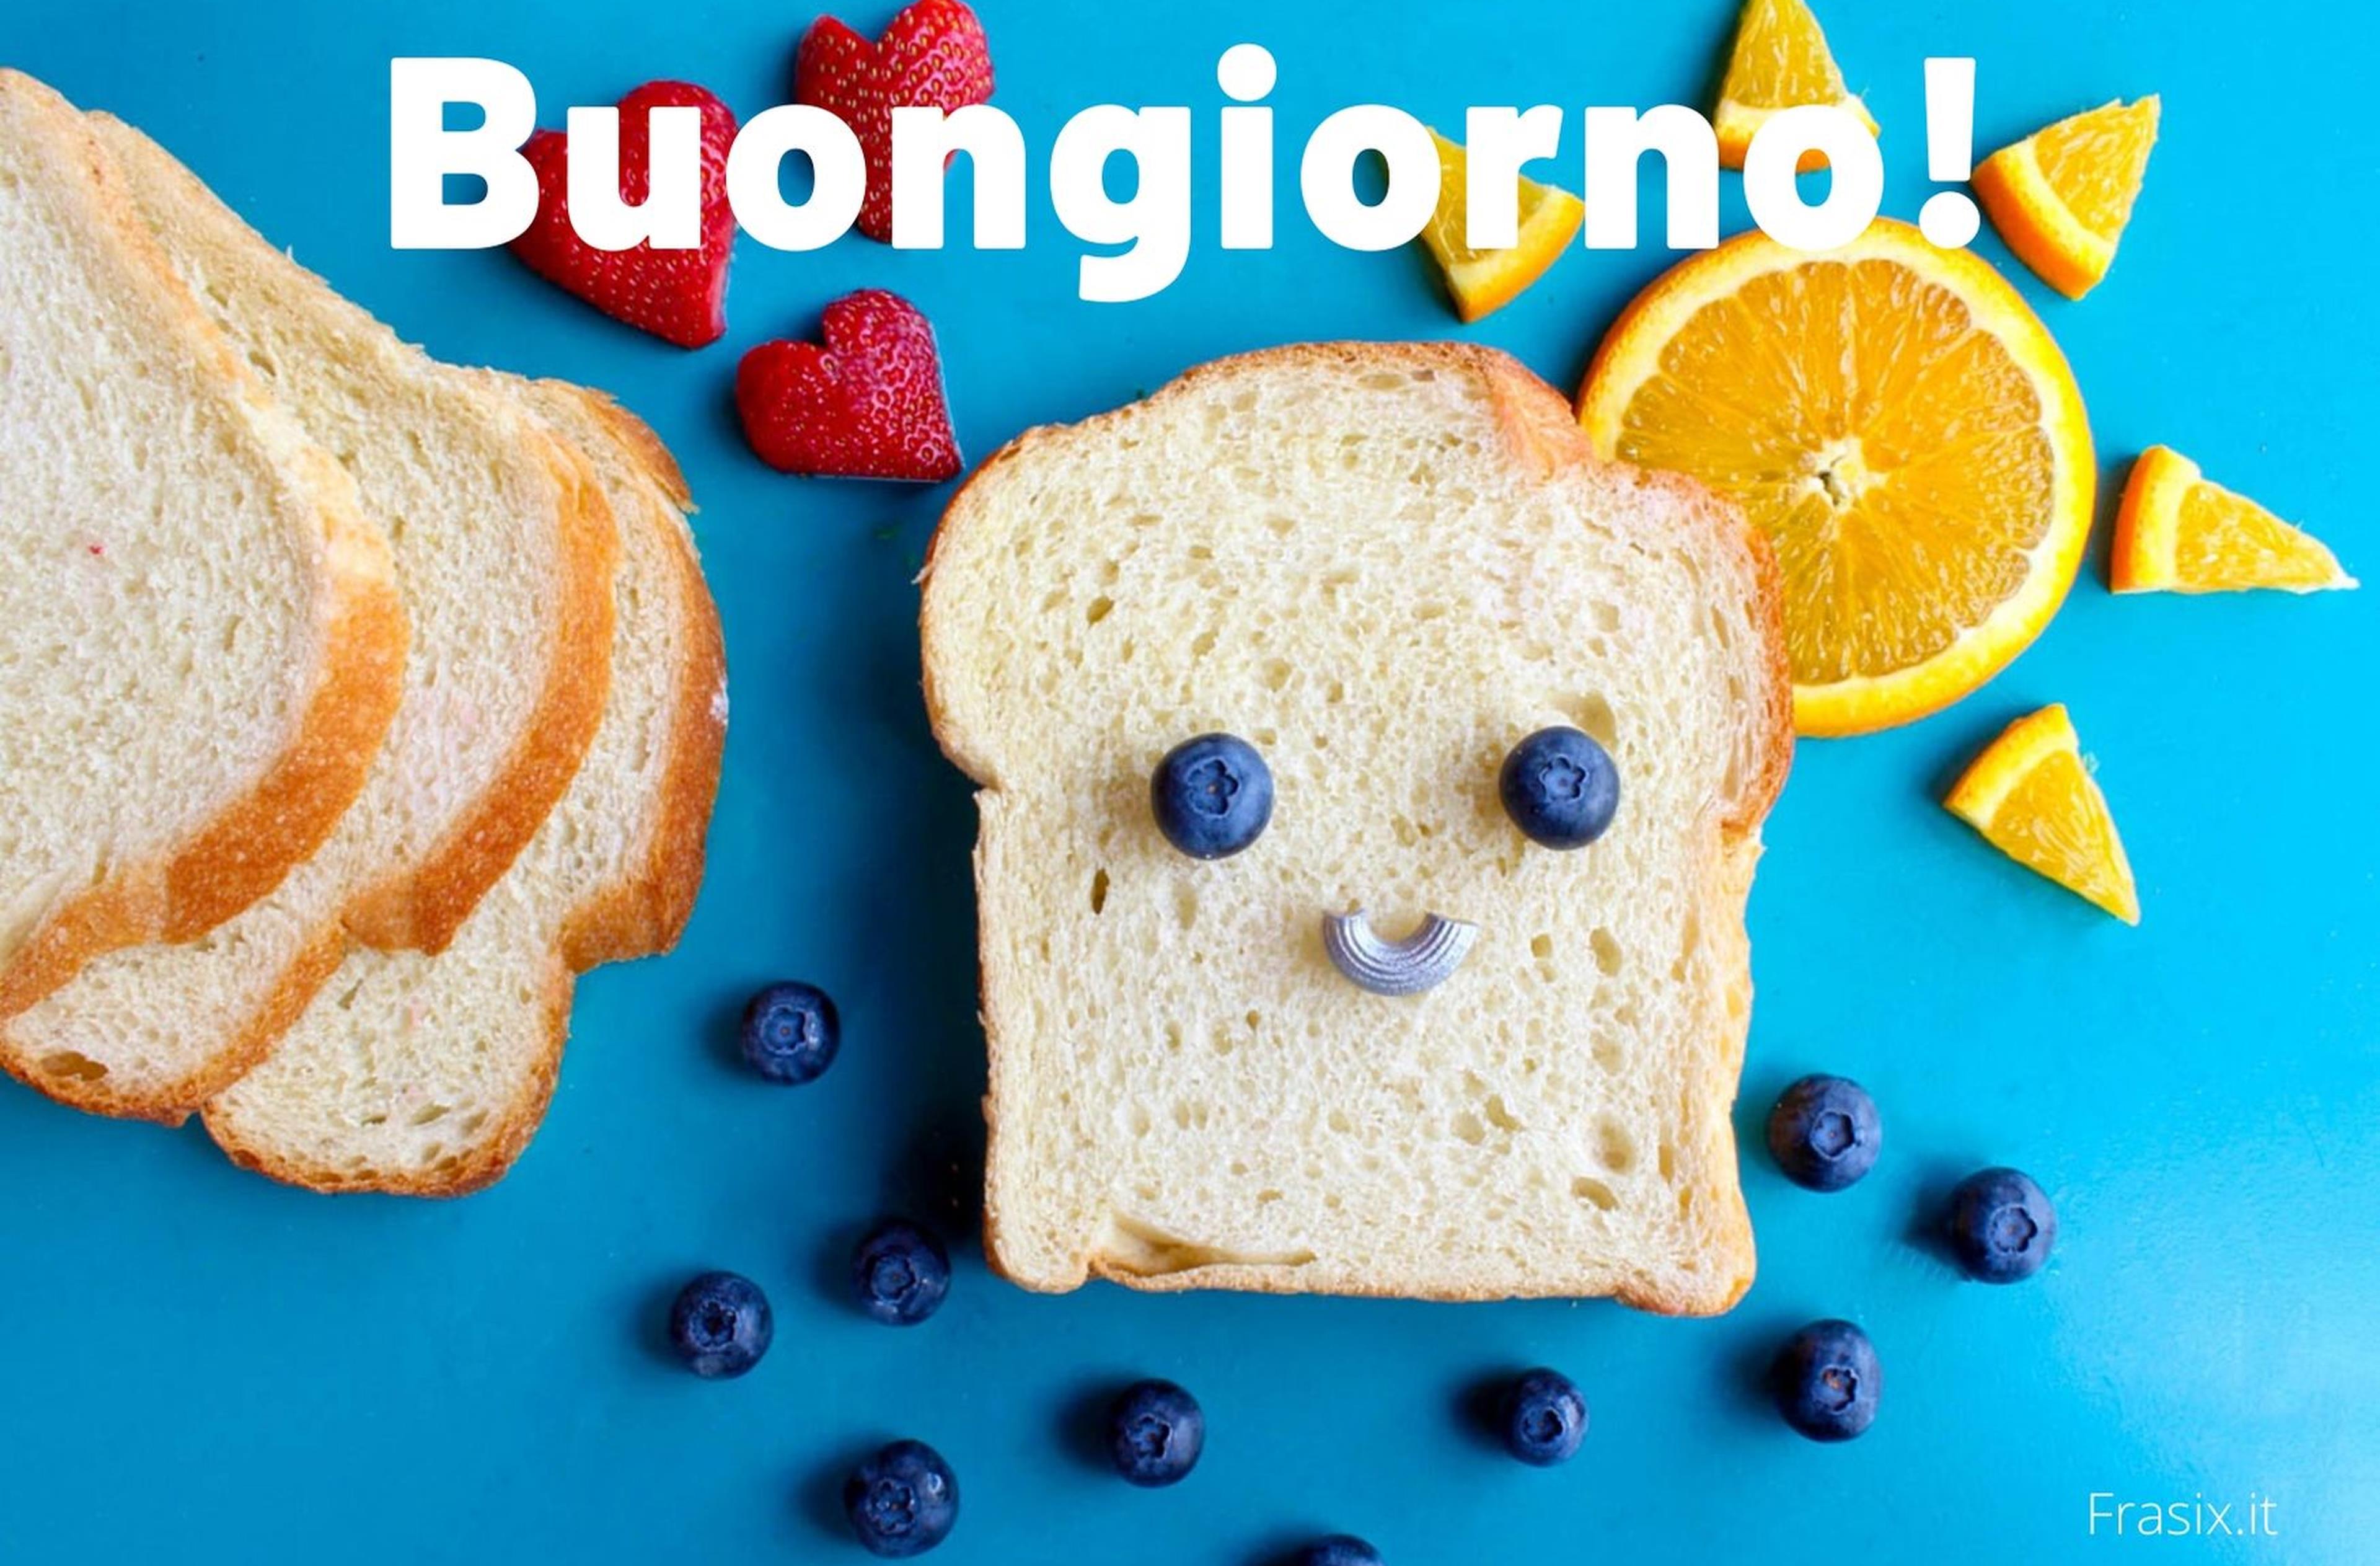 Immagine di copertina per buongiorno divertente per whatsapp